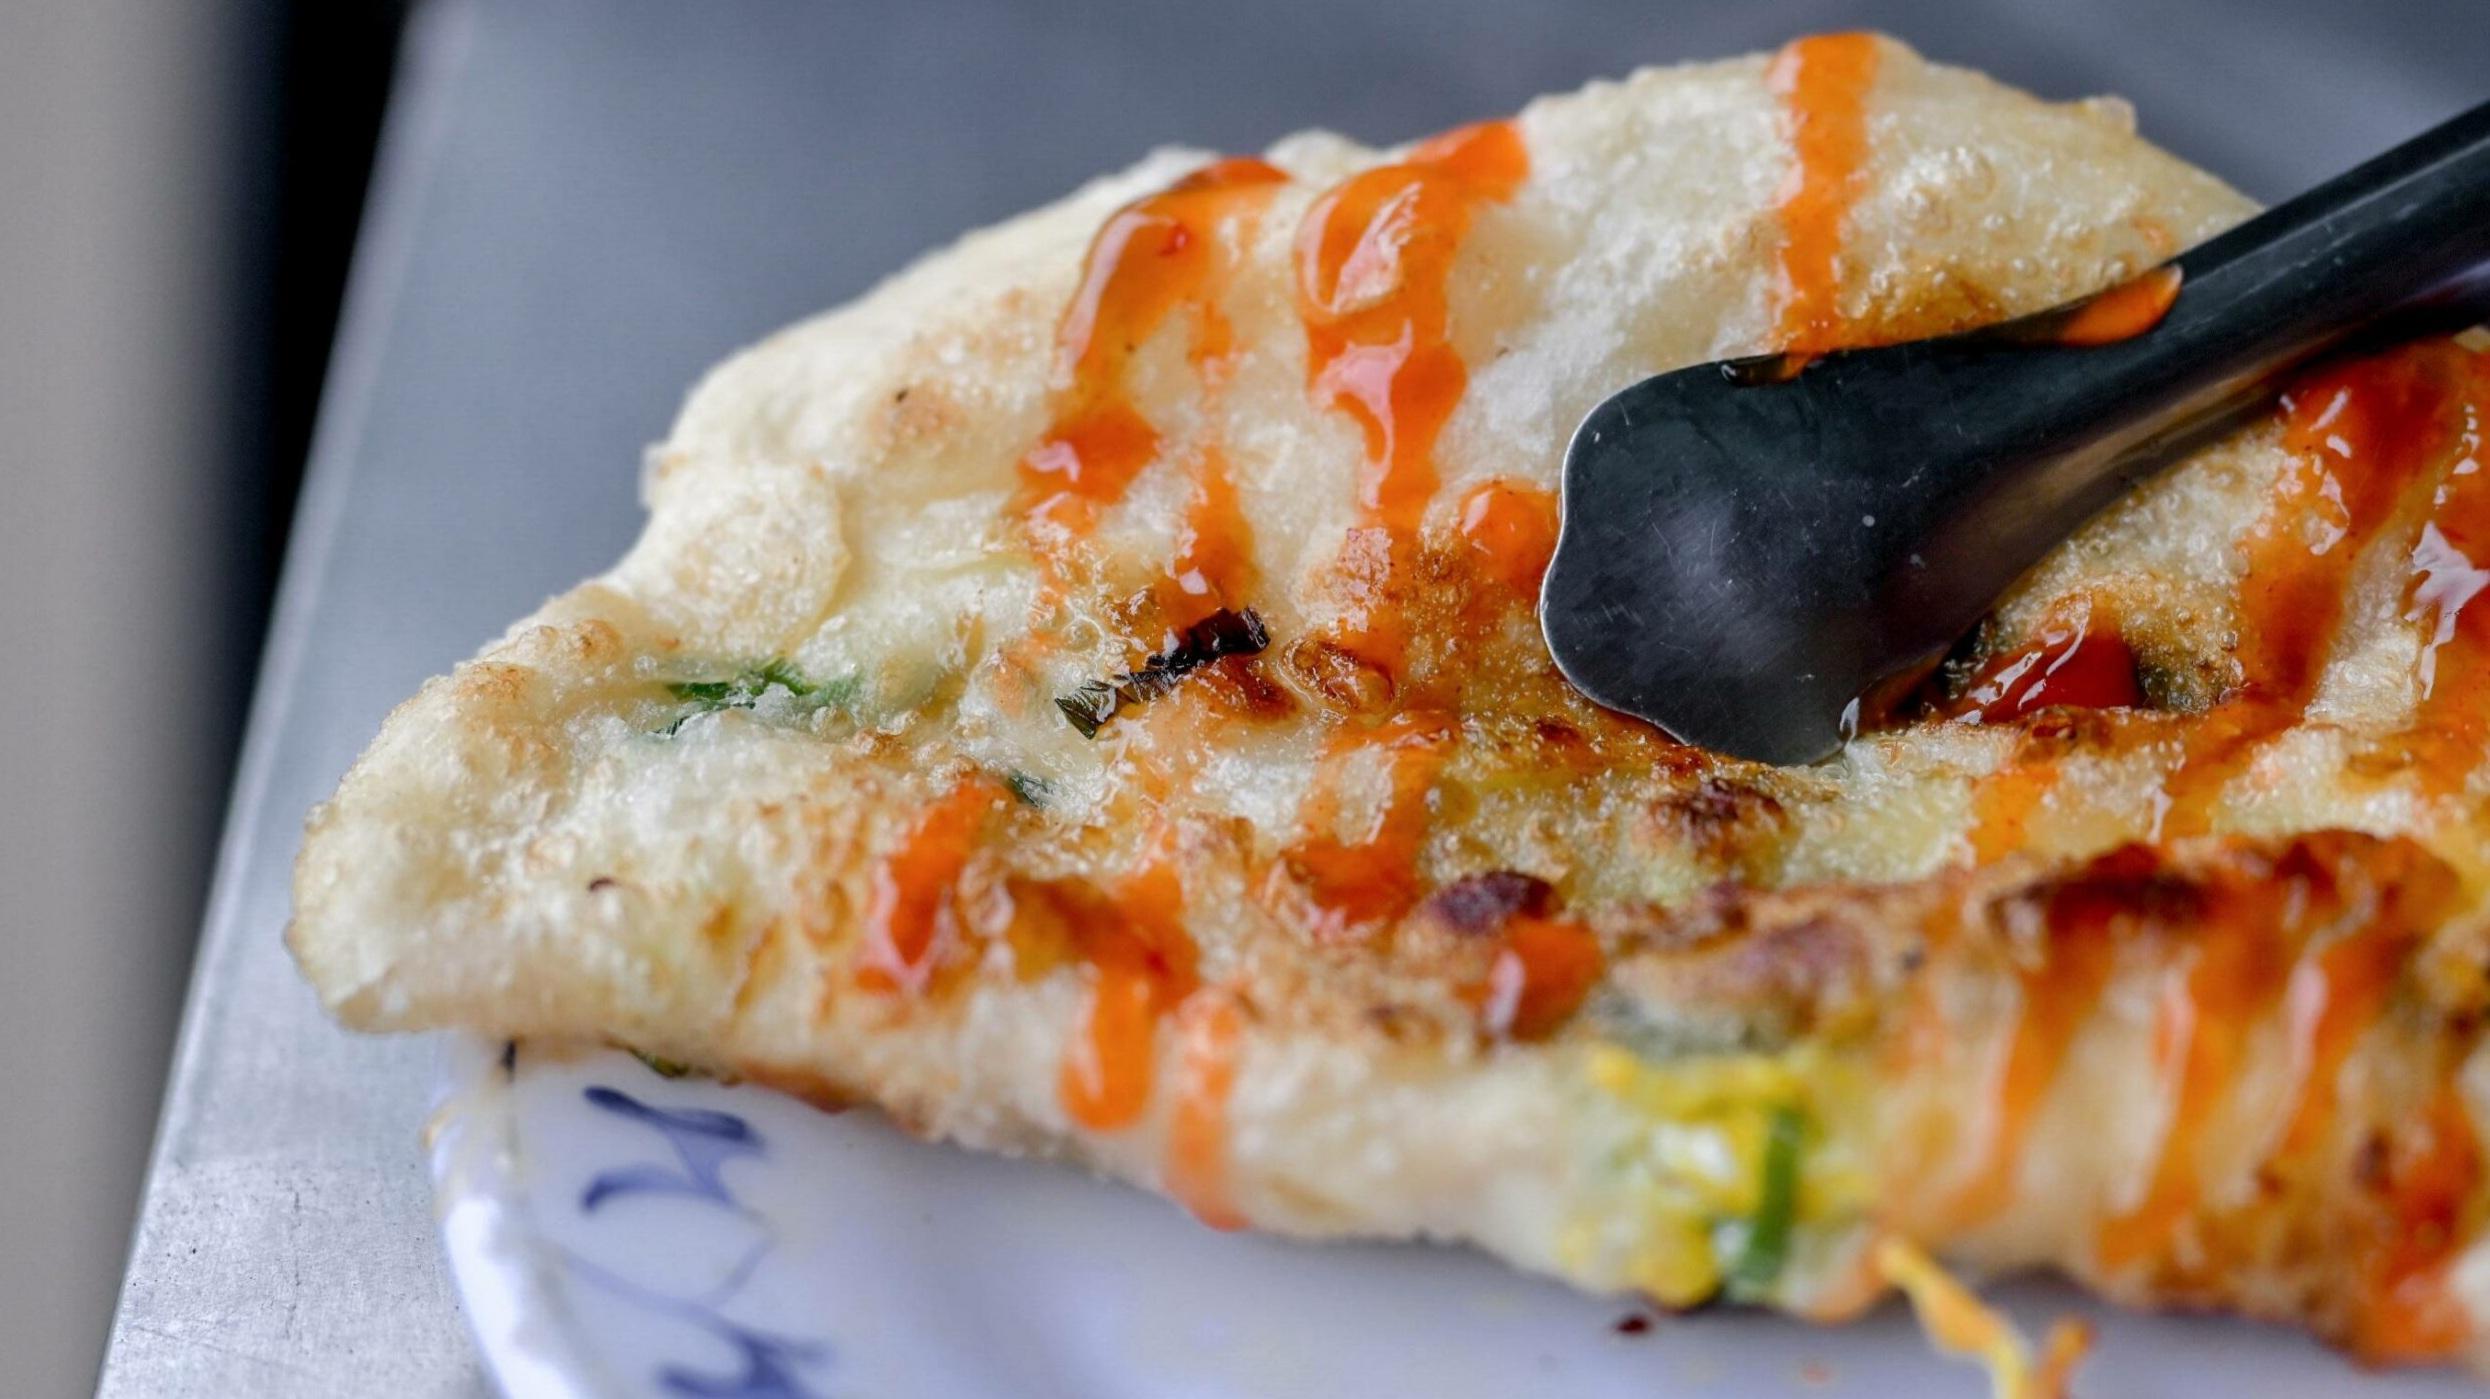 鐵夾蛋餅:用鐵夾吃蛋餅,既環保又有新意!巷弄銅板美食 @女子的休假計劃